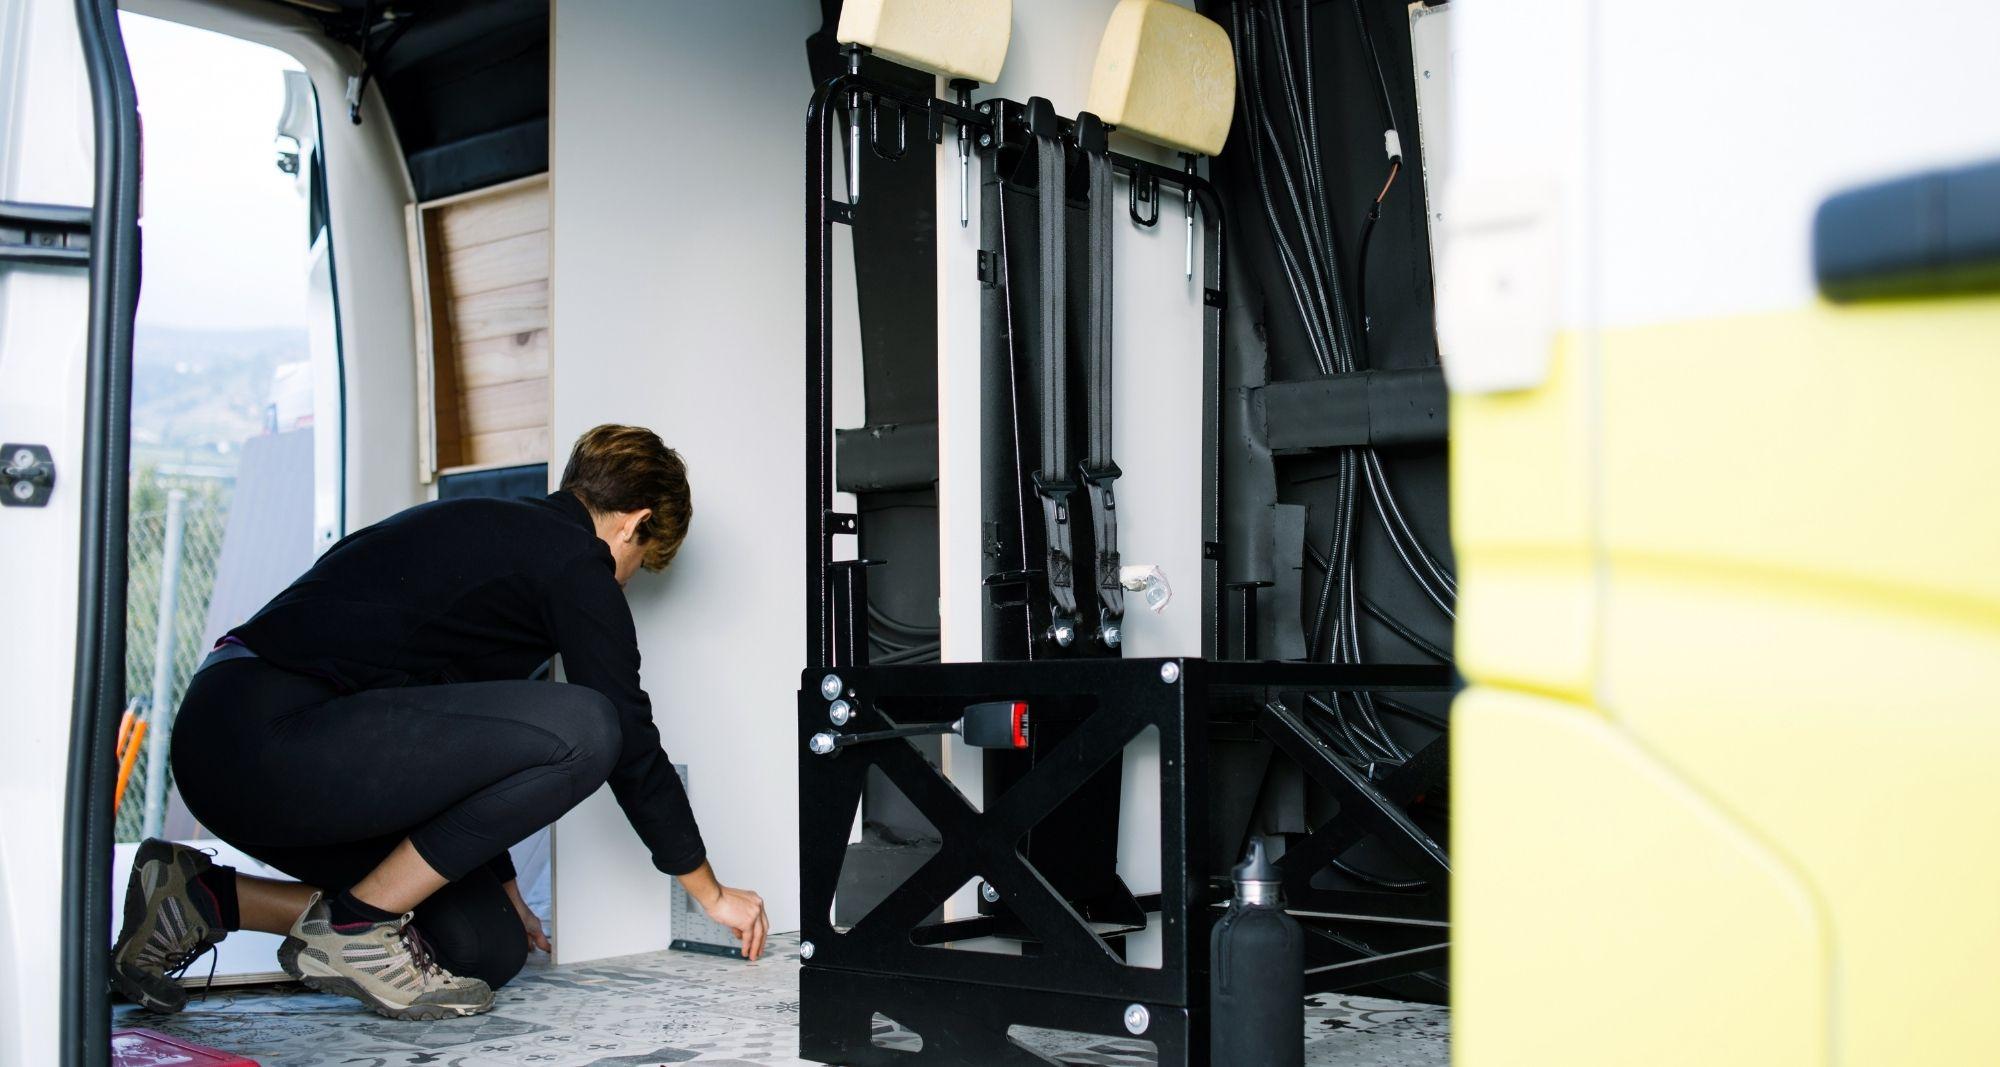 5 astuces pour optimiser l'espace intérieur de son véhicule utilitaire